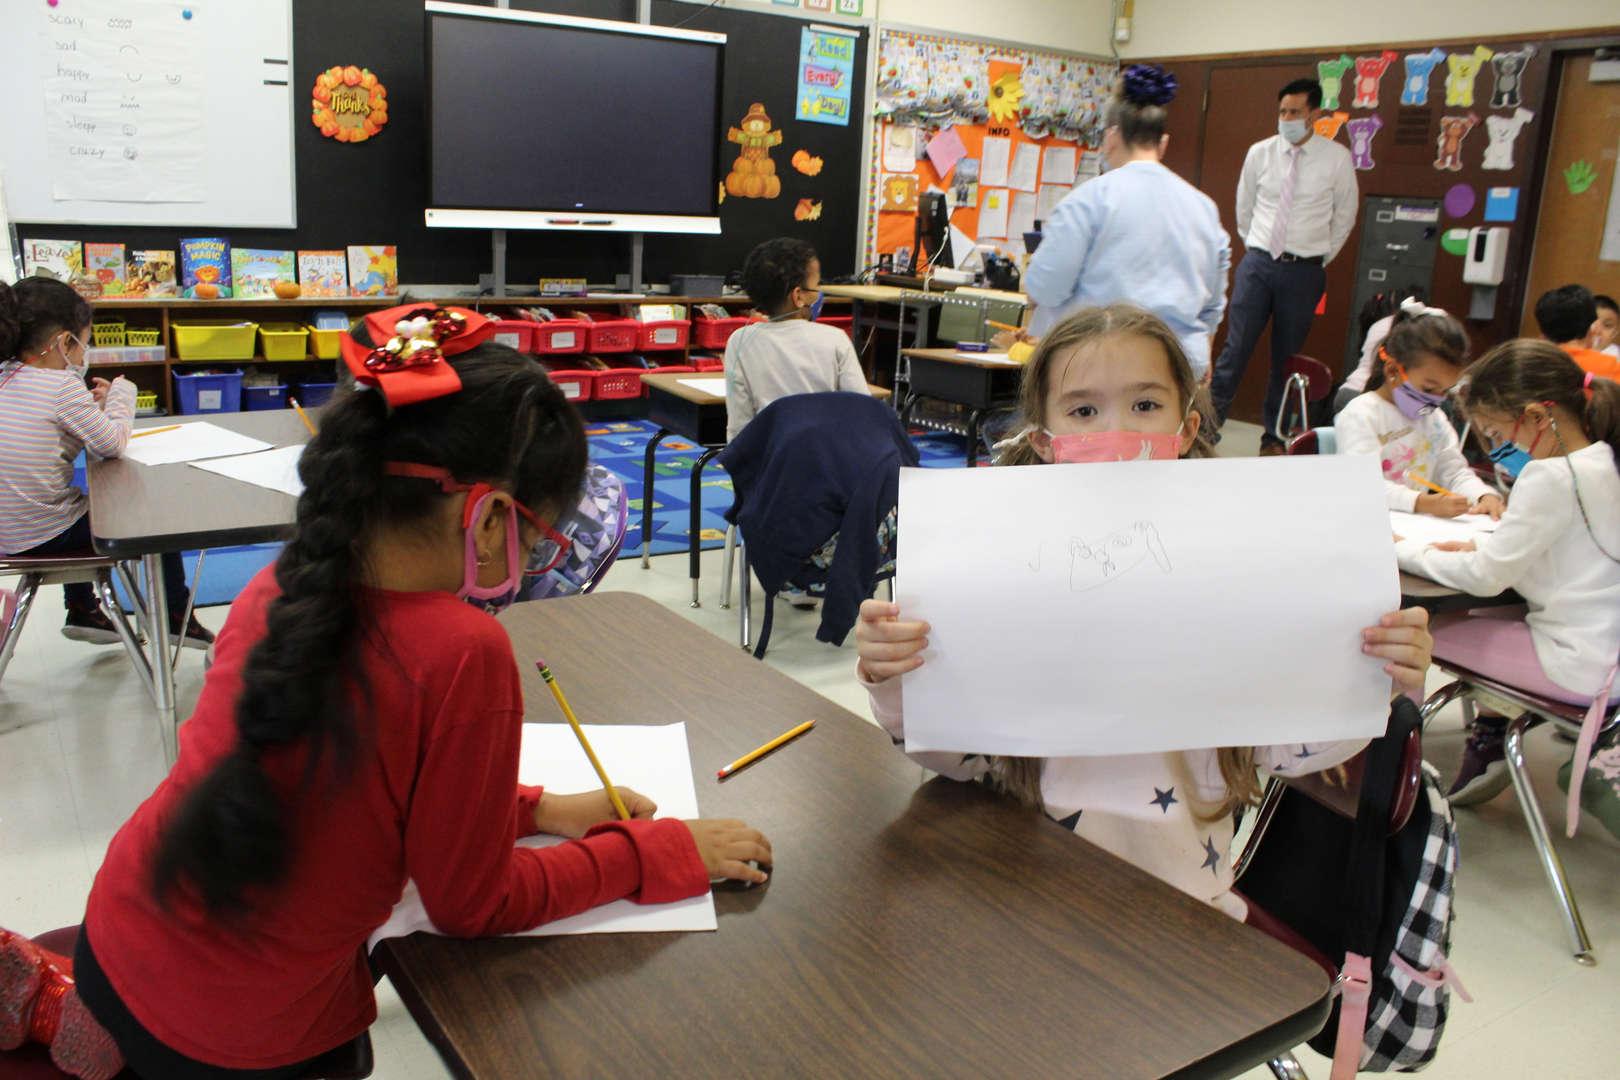 Girl holds up her artwork